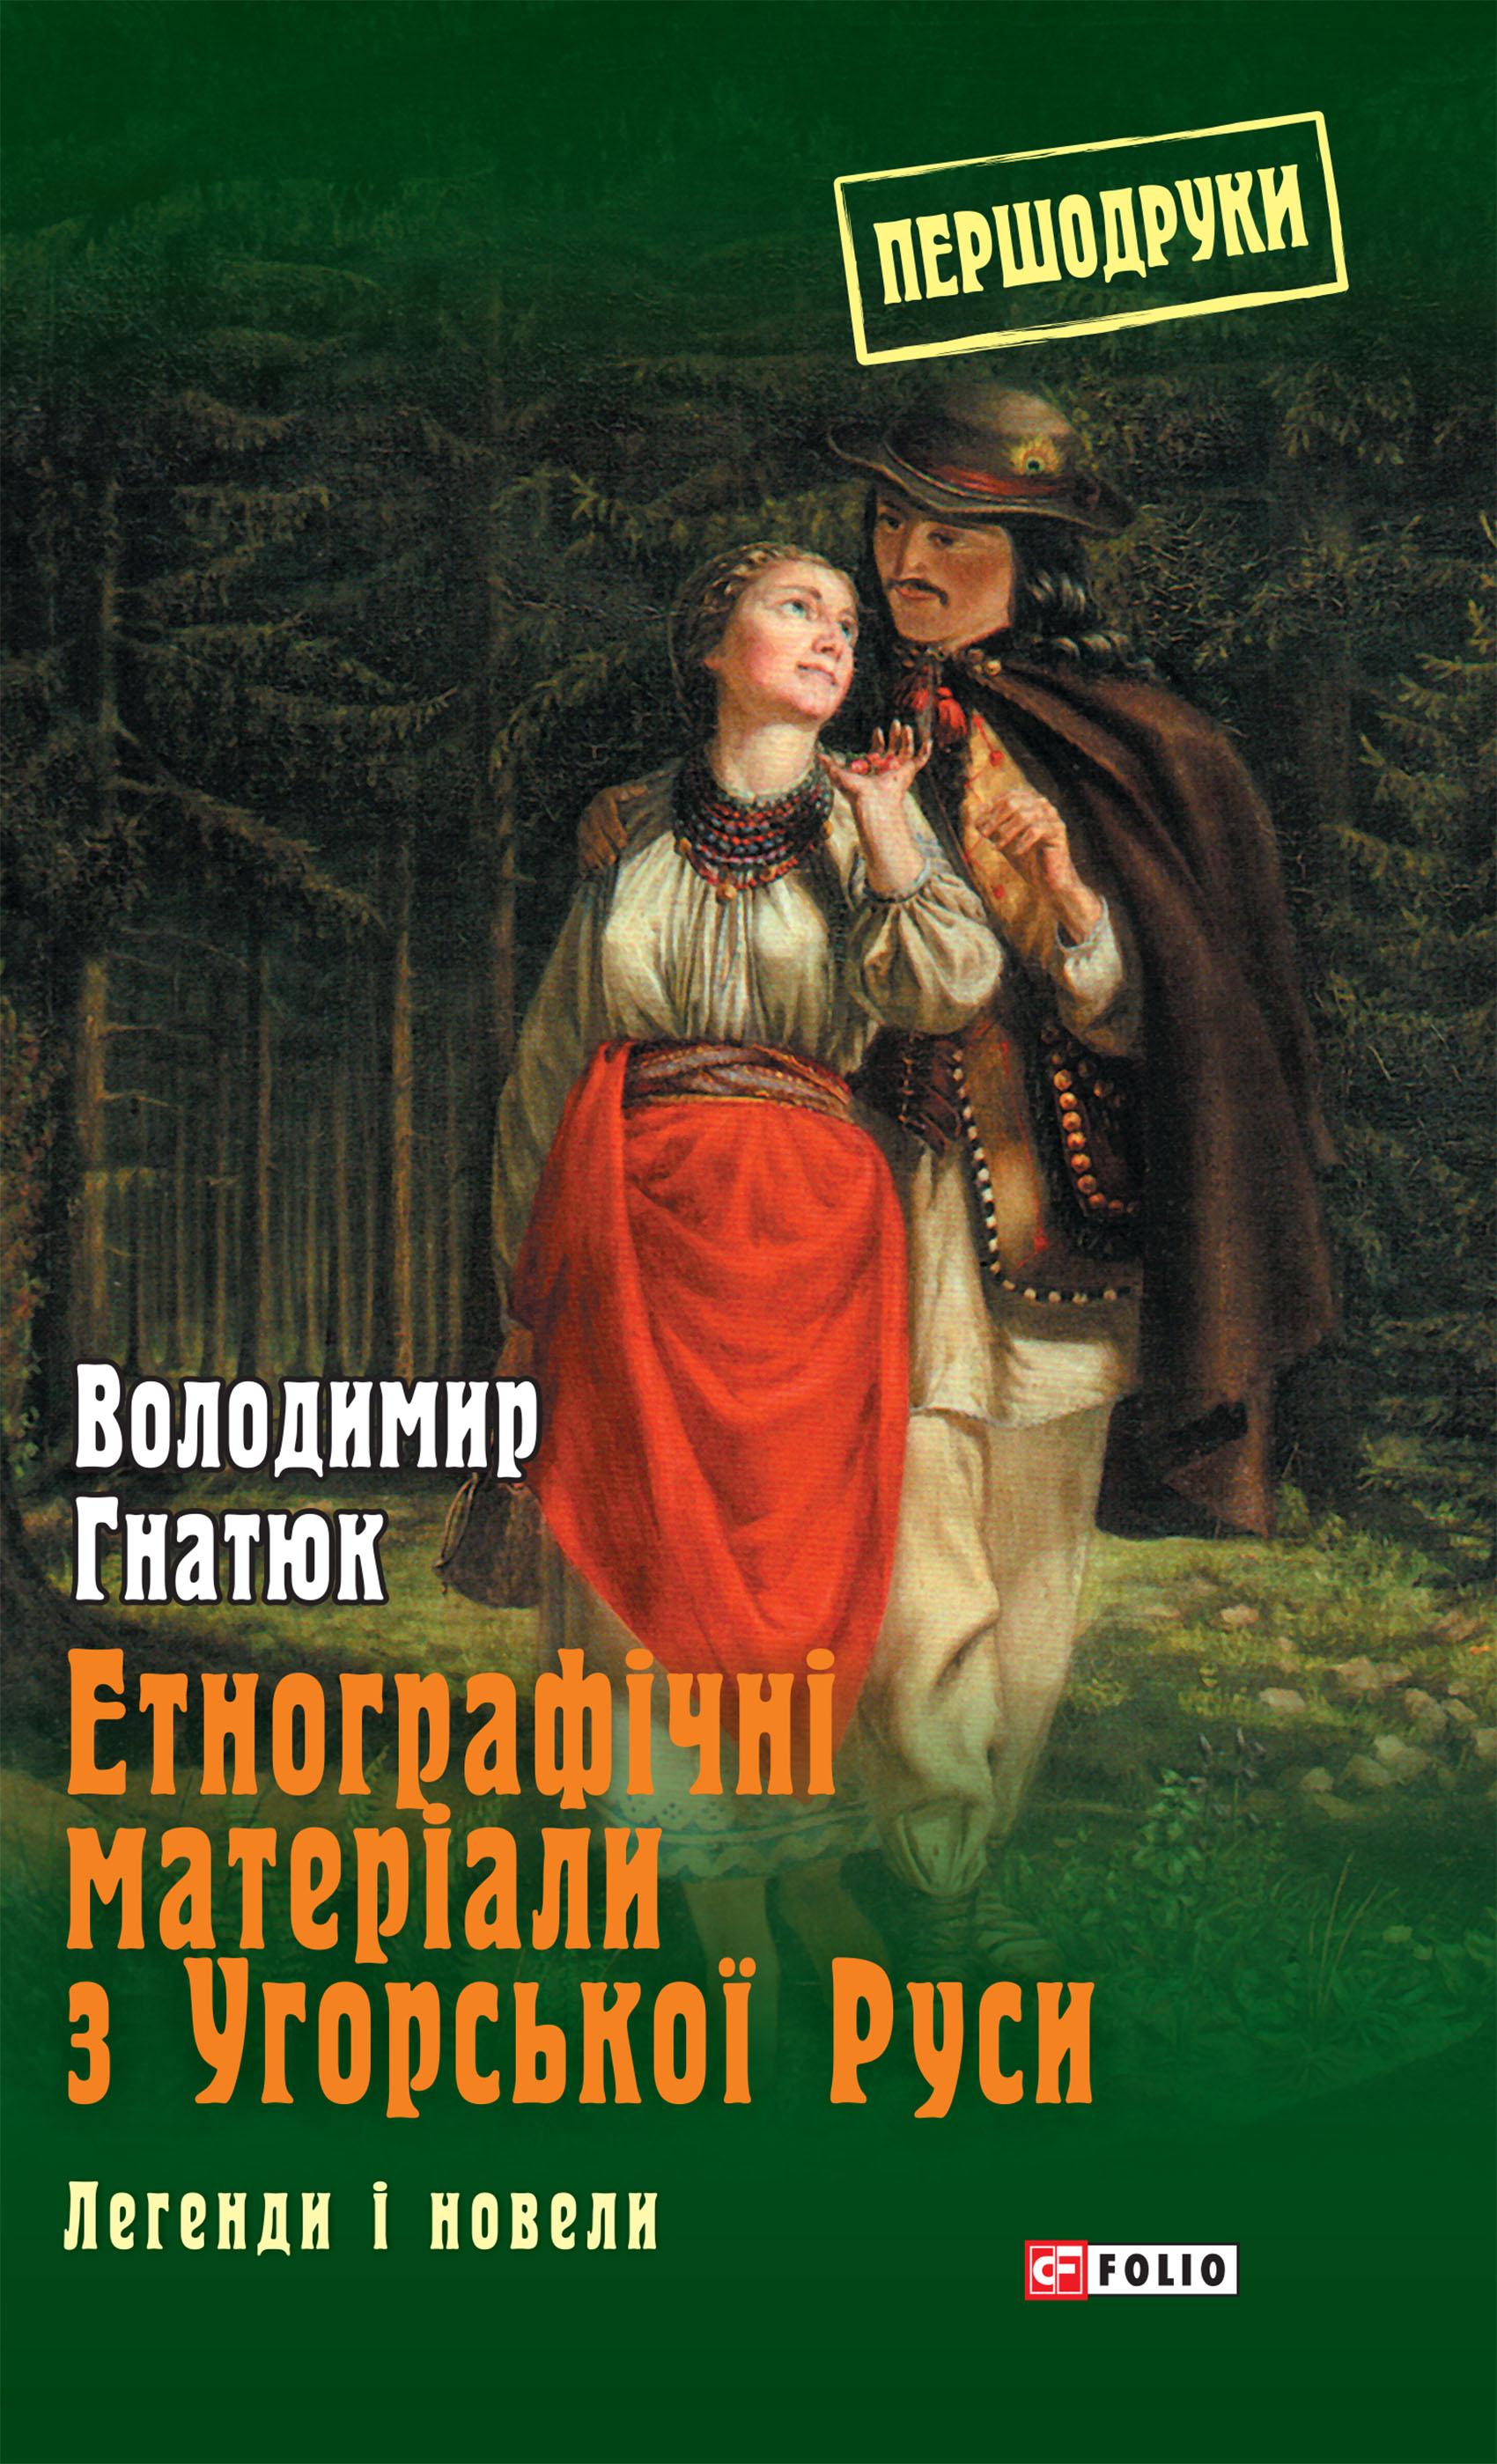 Володимир Гнатюк Етнографічні матеріали з Угорської Руси: легенди і новели